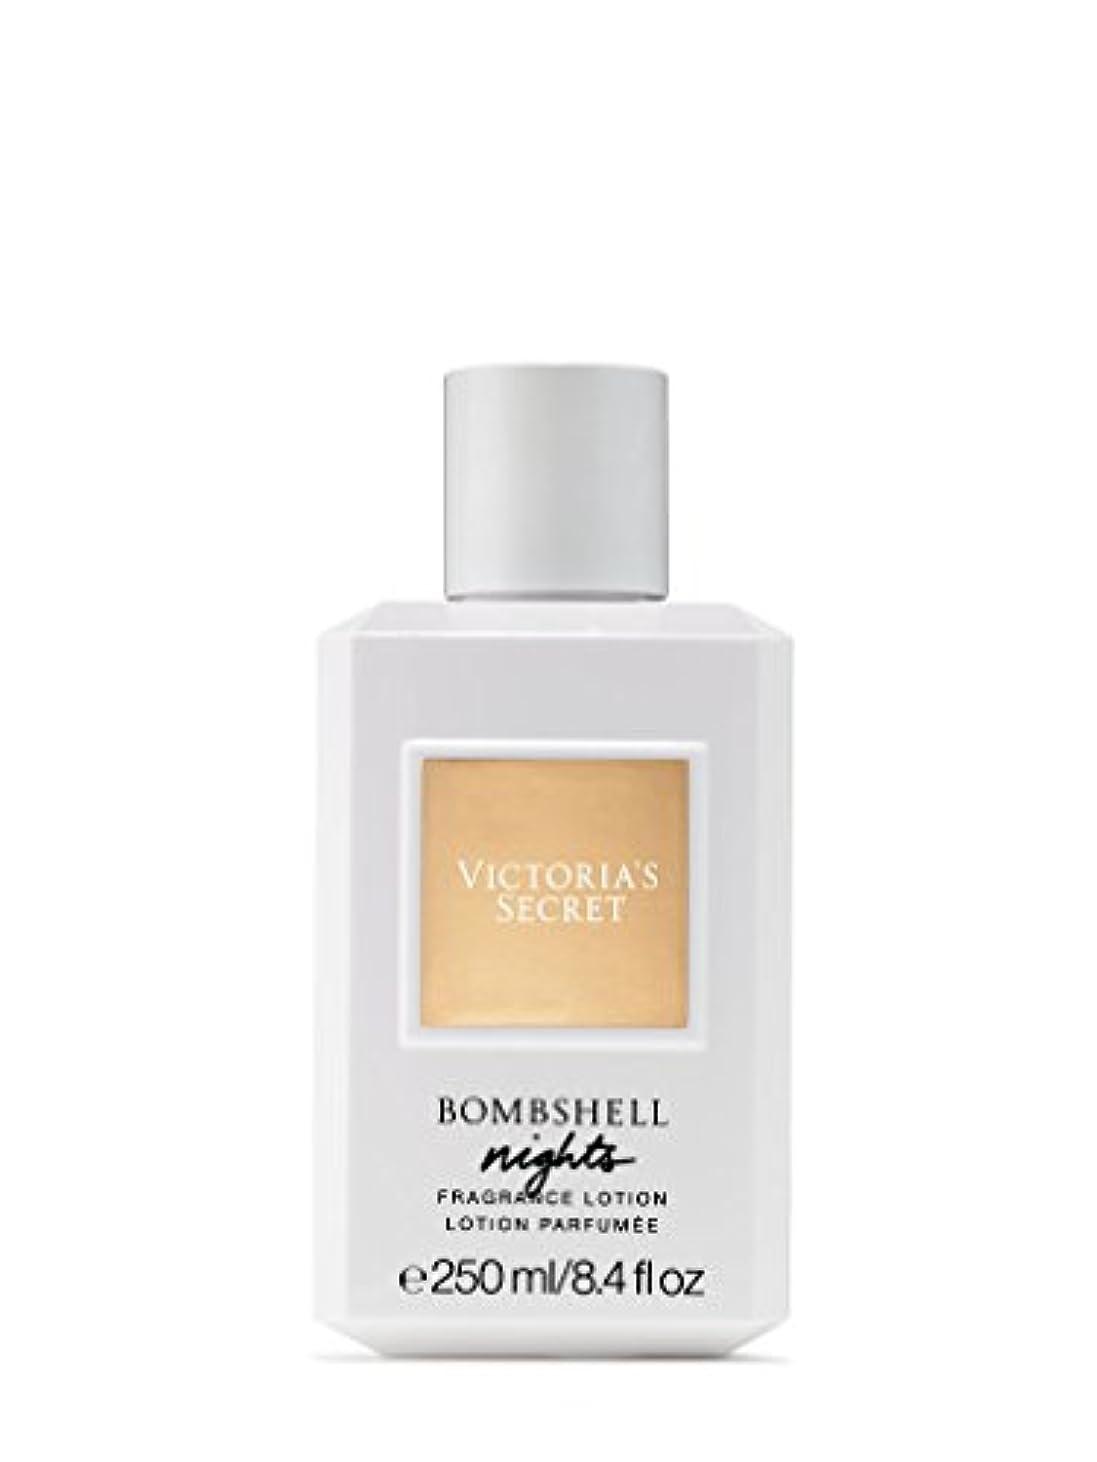 プレビュートリッキーフィラデルフィアBombshell Nights (ボムシェル ナイツ) 8.4 oz (252ml) Fragrance Body Lotion ボディーローション by Victoria's Secret for Women